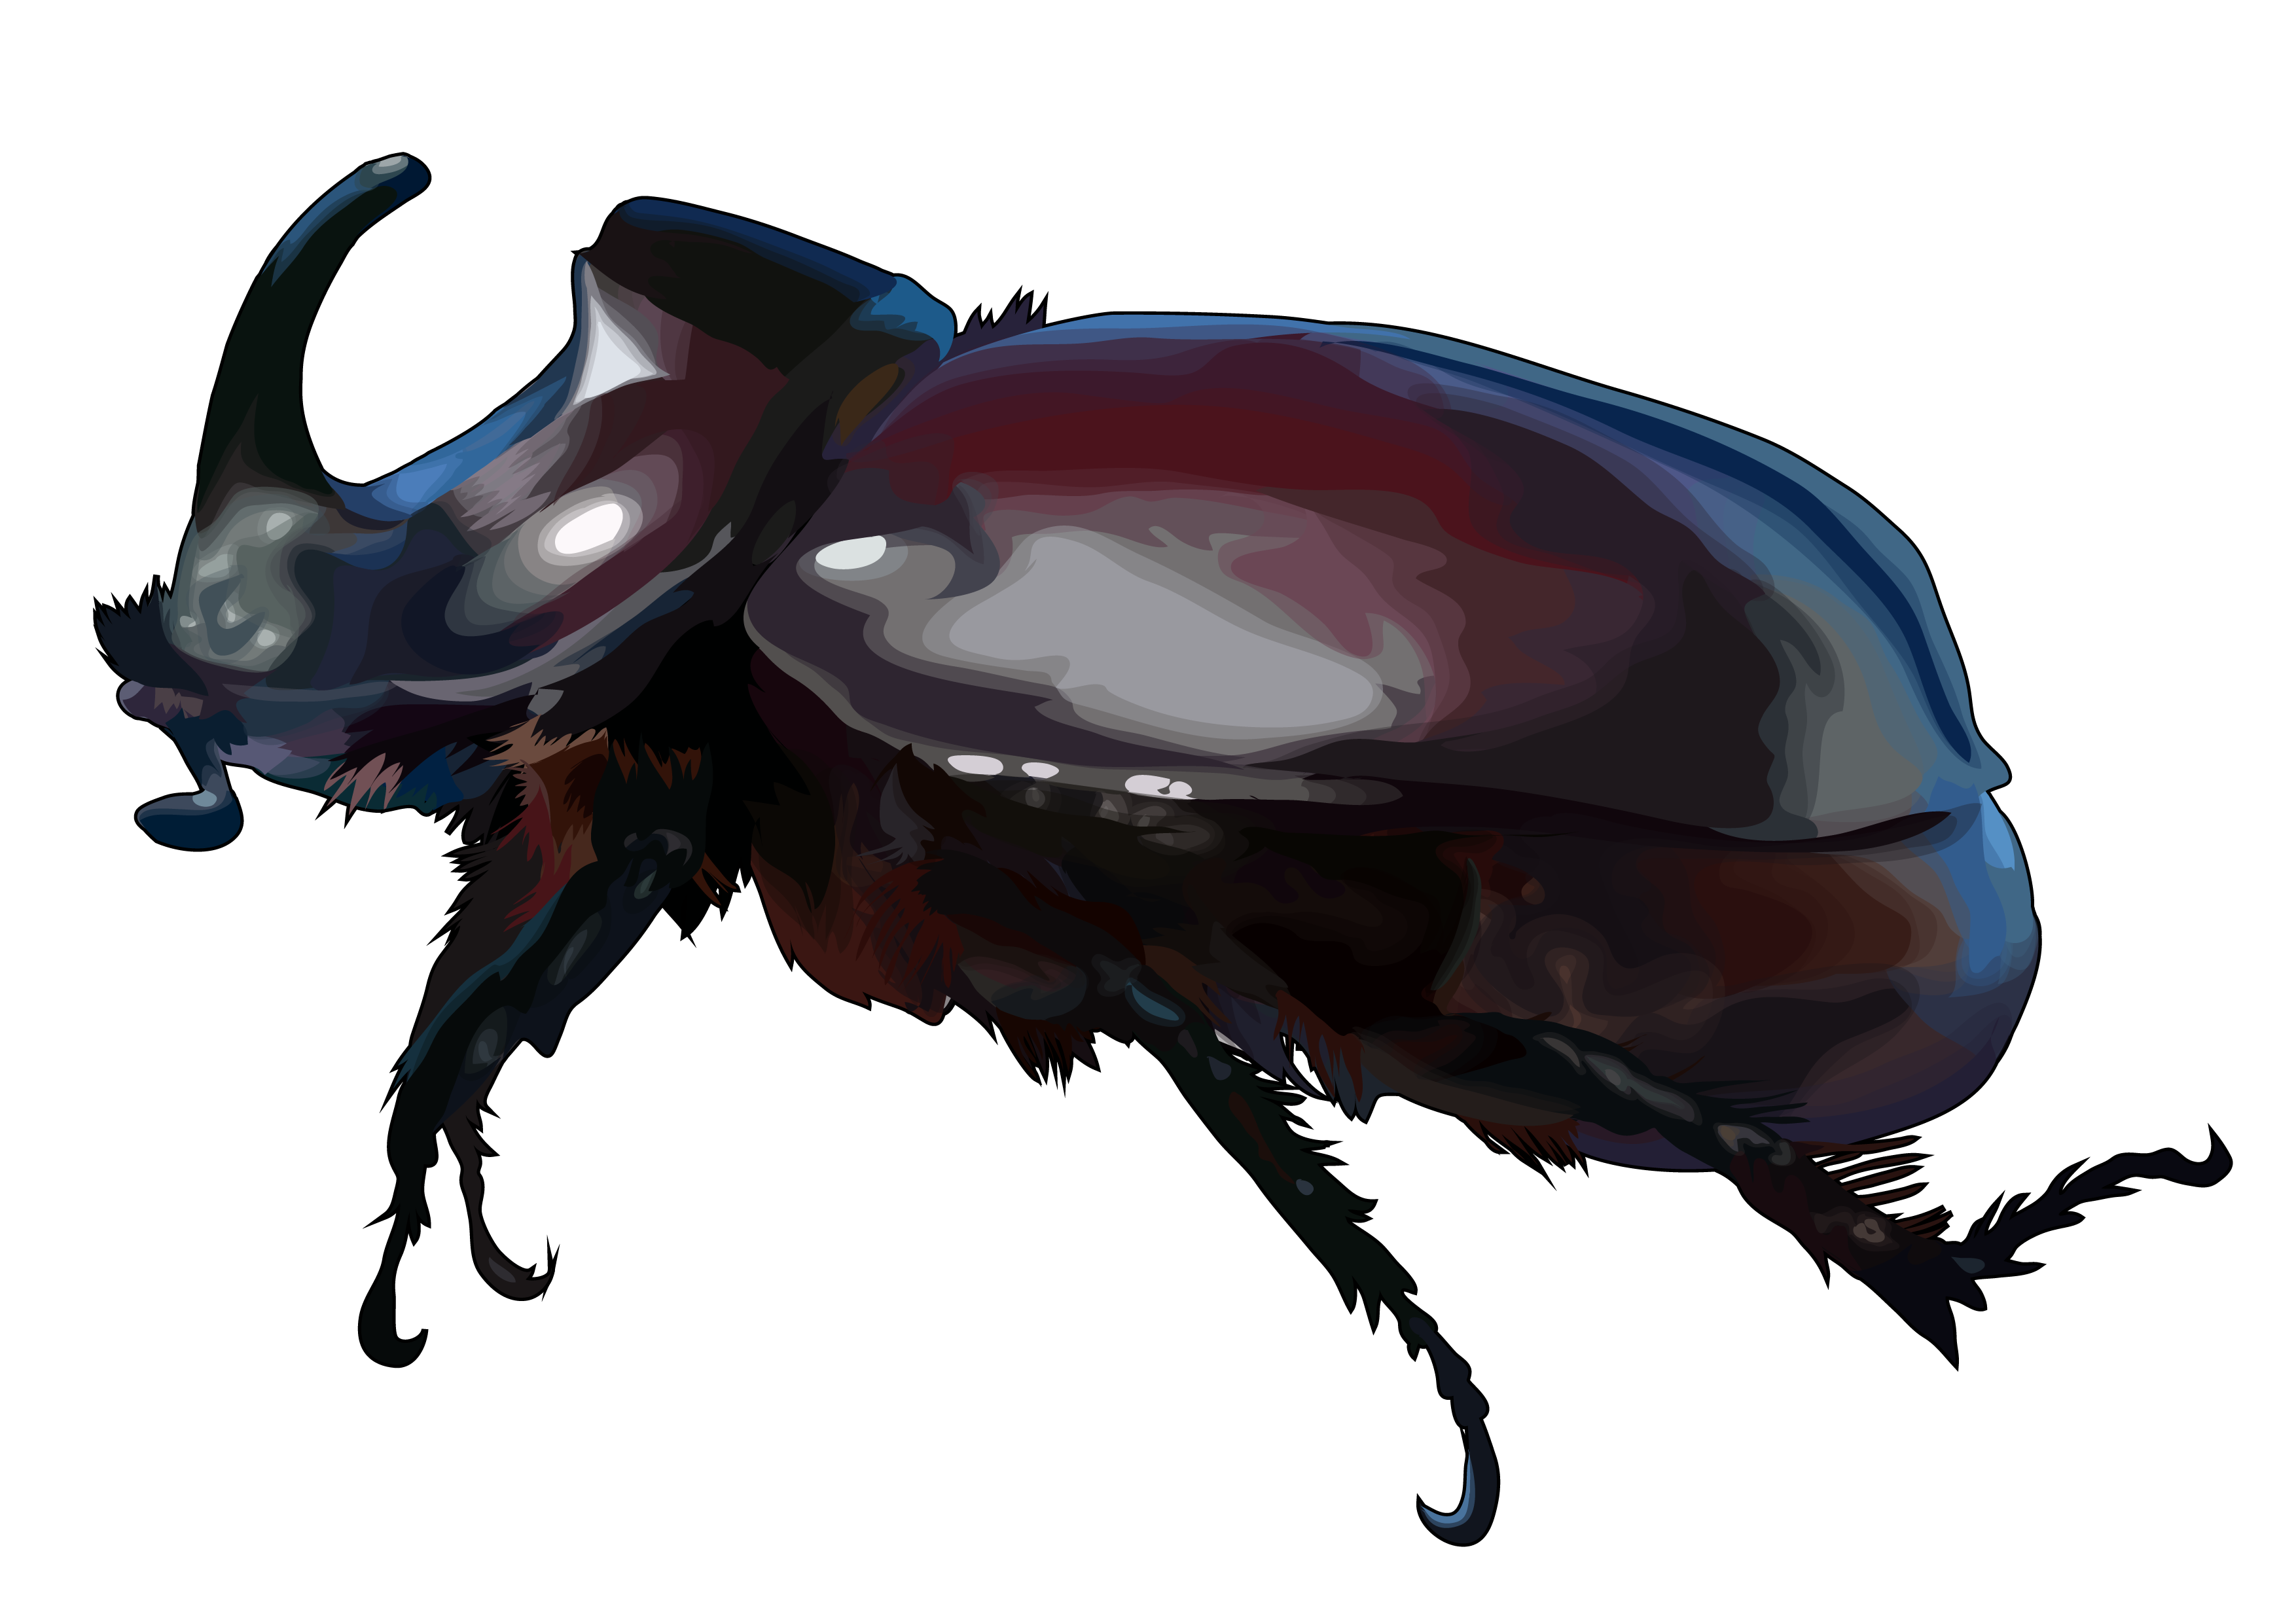 HTML5: escarabajo rinoceronte » Recursos educativos digitales